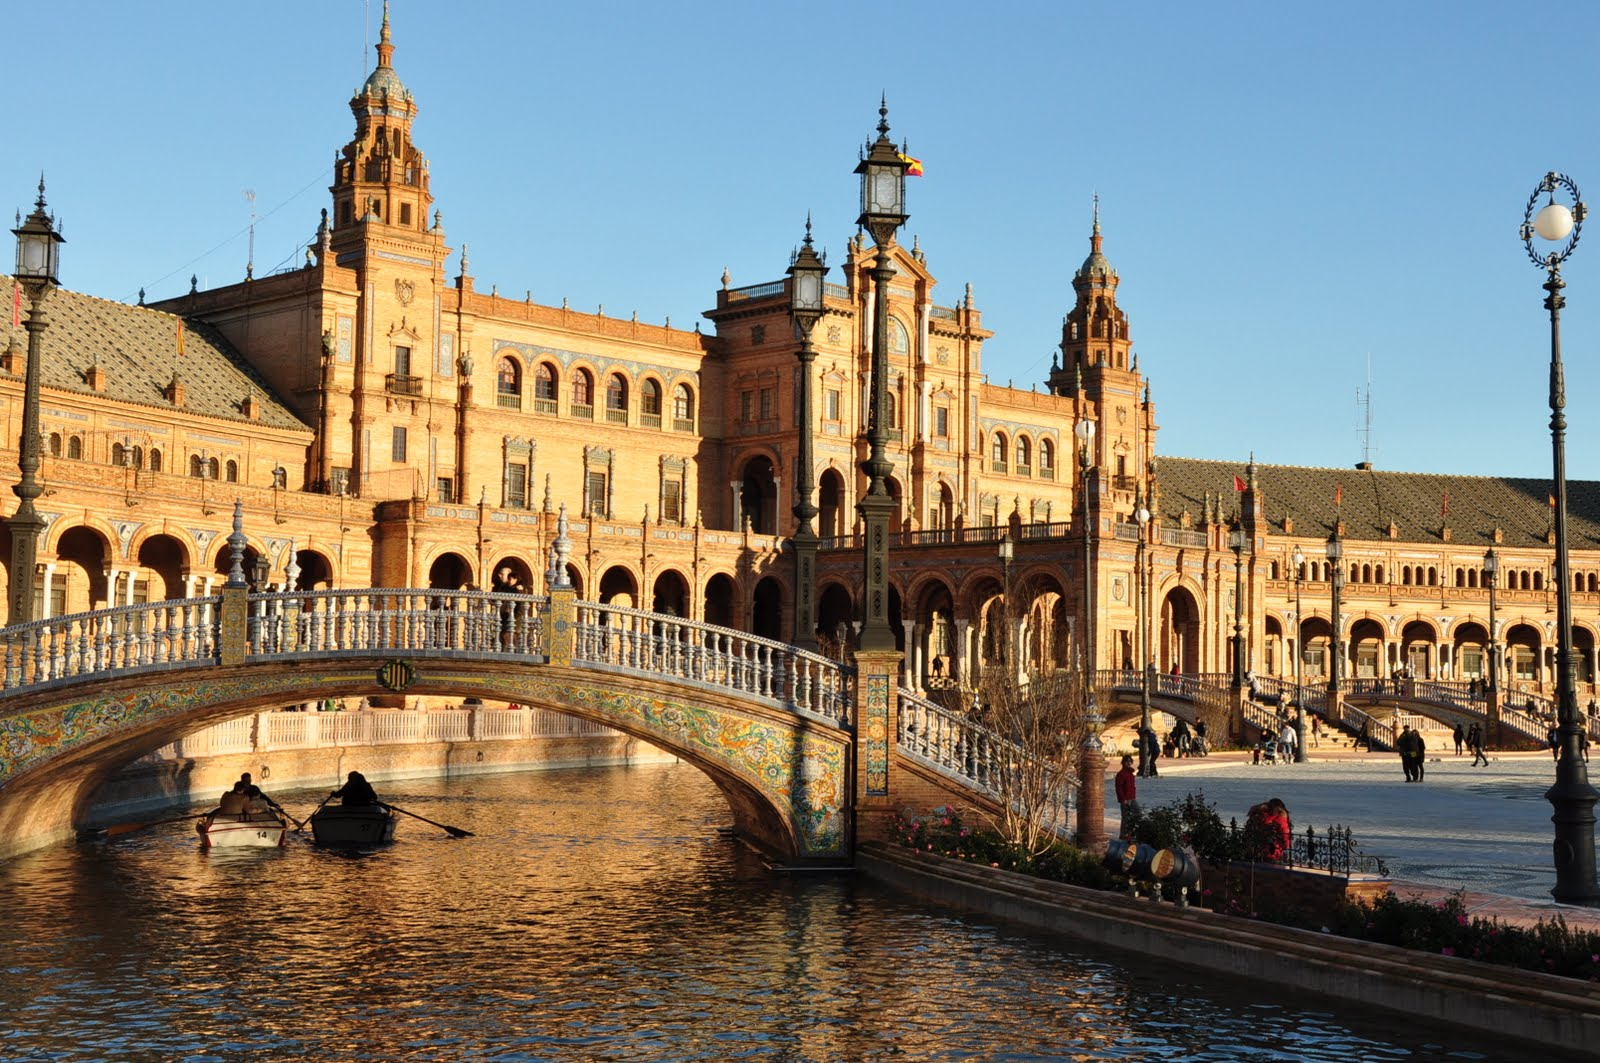 میدان نیم دایره در اسپانیا